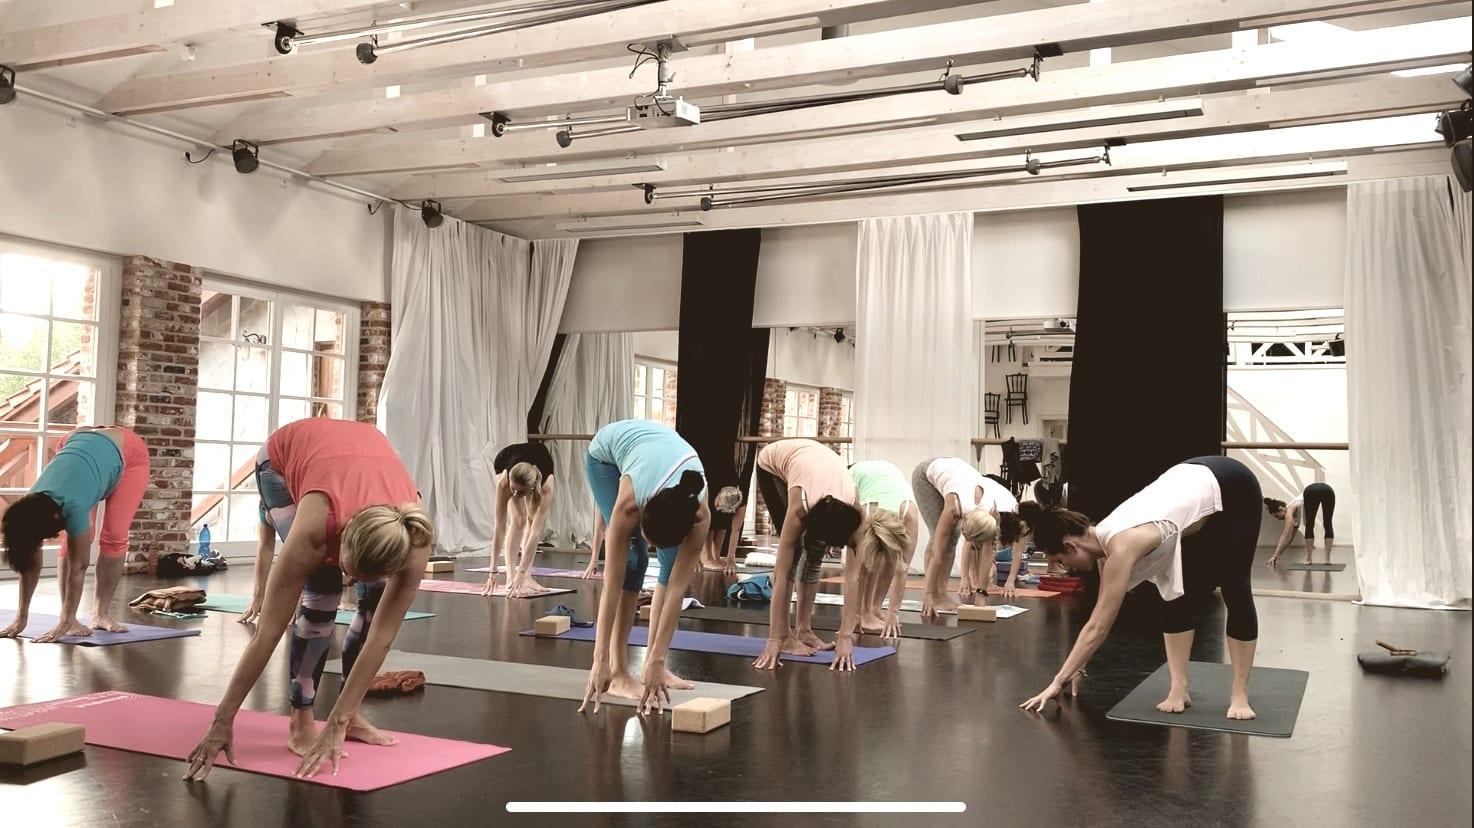 jogínky a jogíni v pozici hlubokého předklonu v protažení